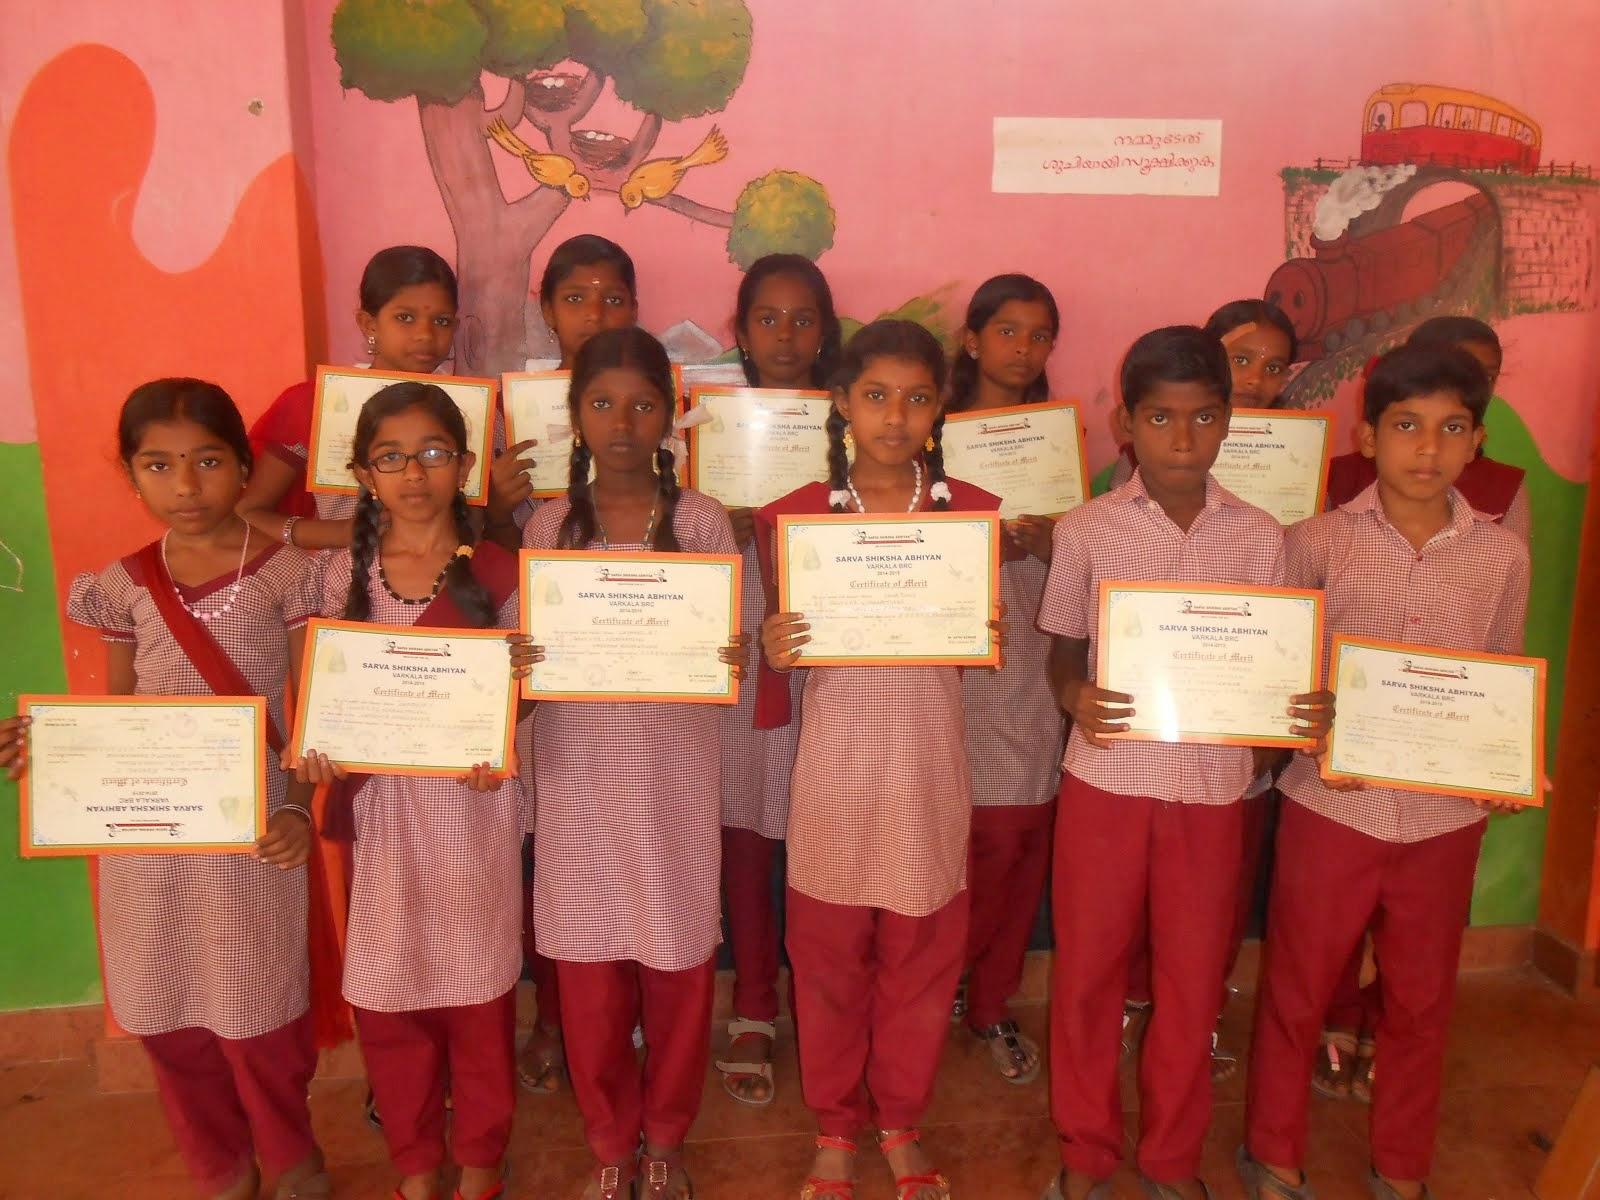 ബാലശാസ്ത്രകോണ്ഗ്രസ് 2015